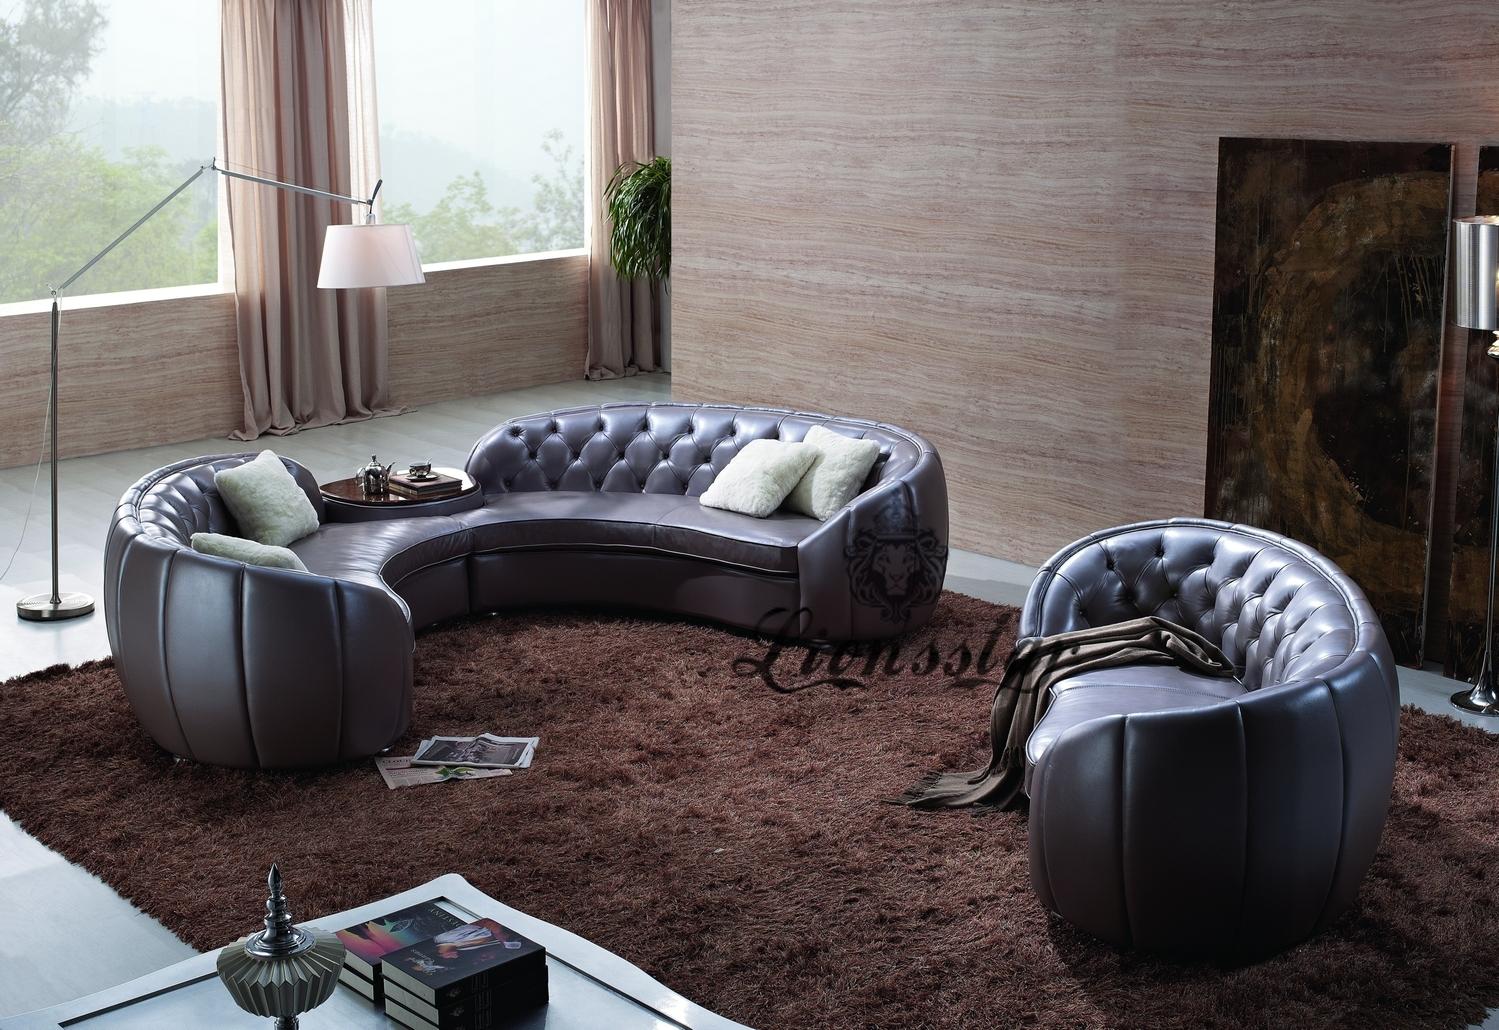 Couchgarnitur Sofaset Rund